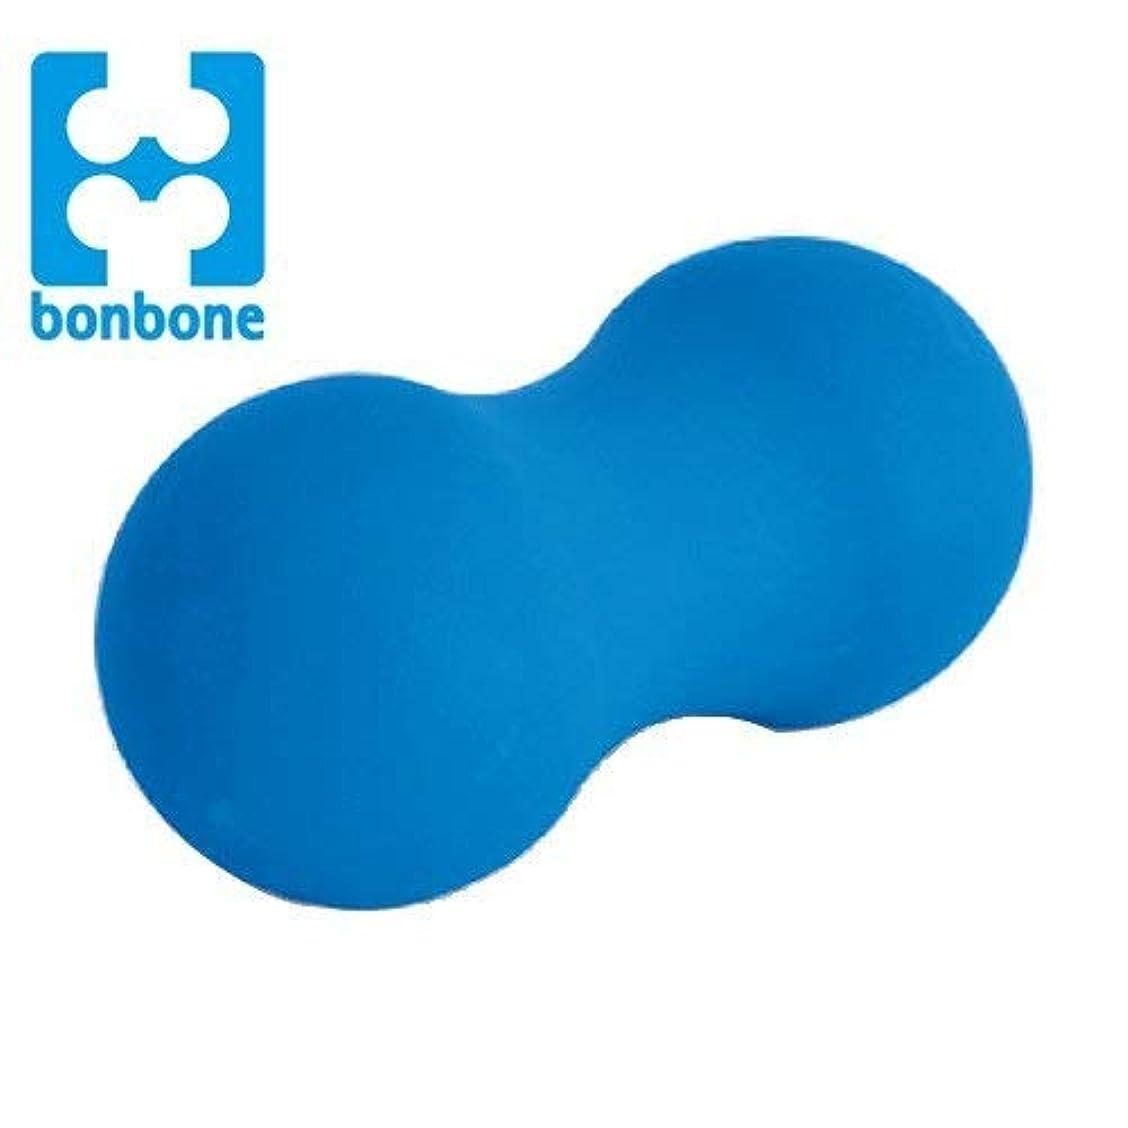 ブルームキリストランチョンbonbone リリースボール